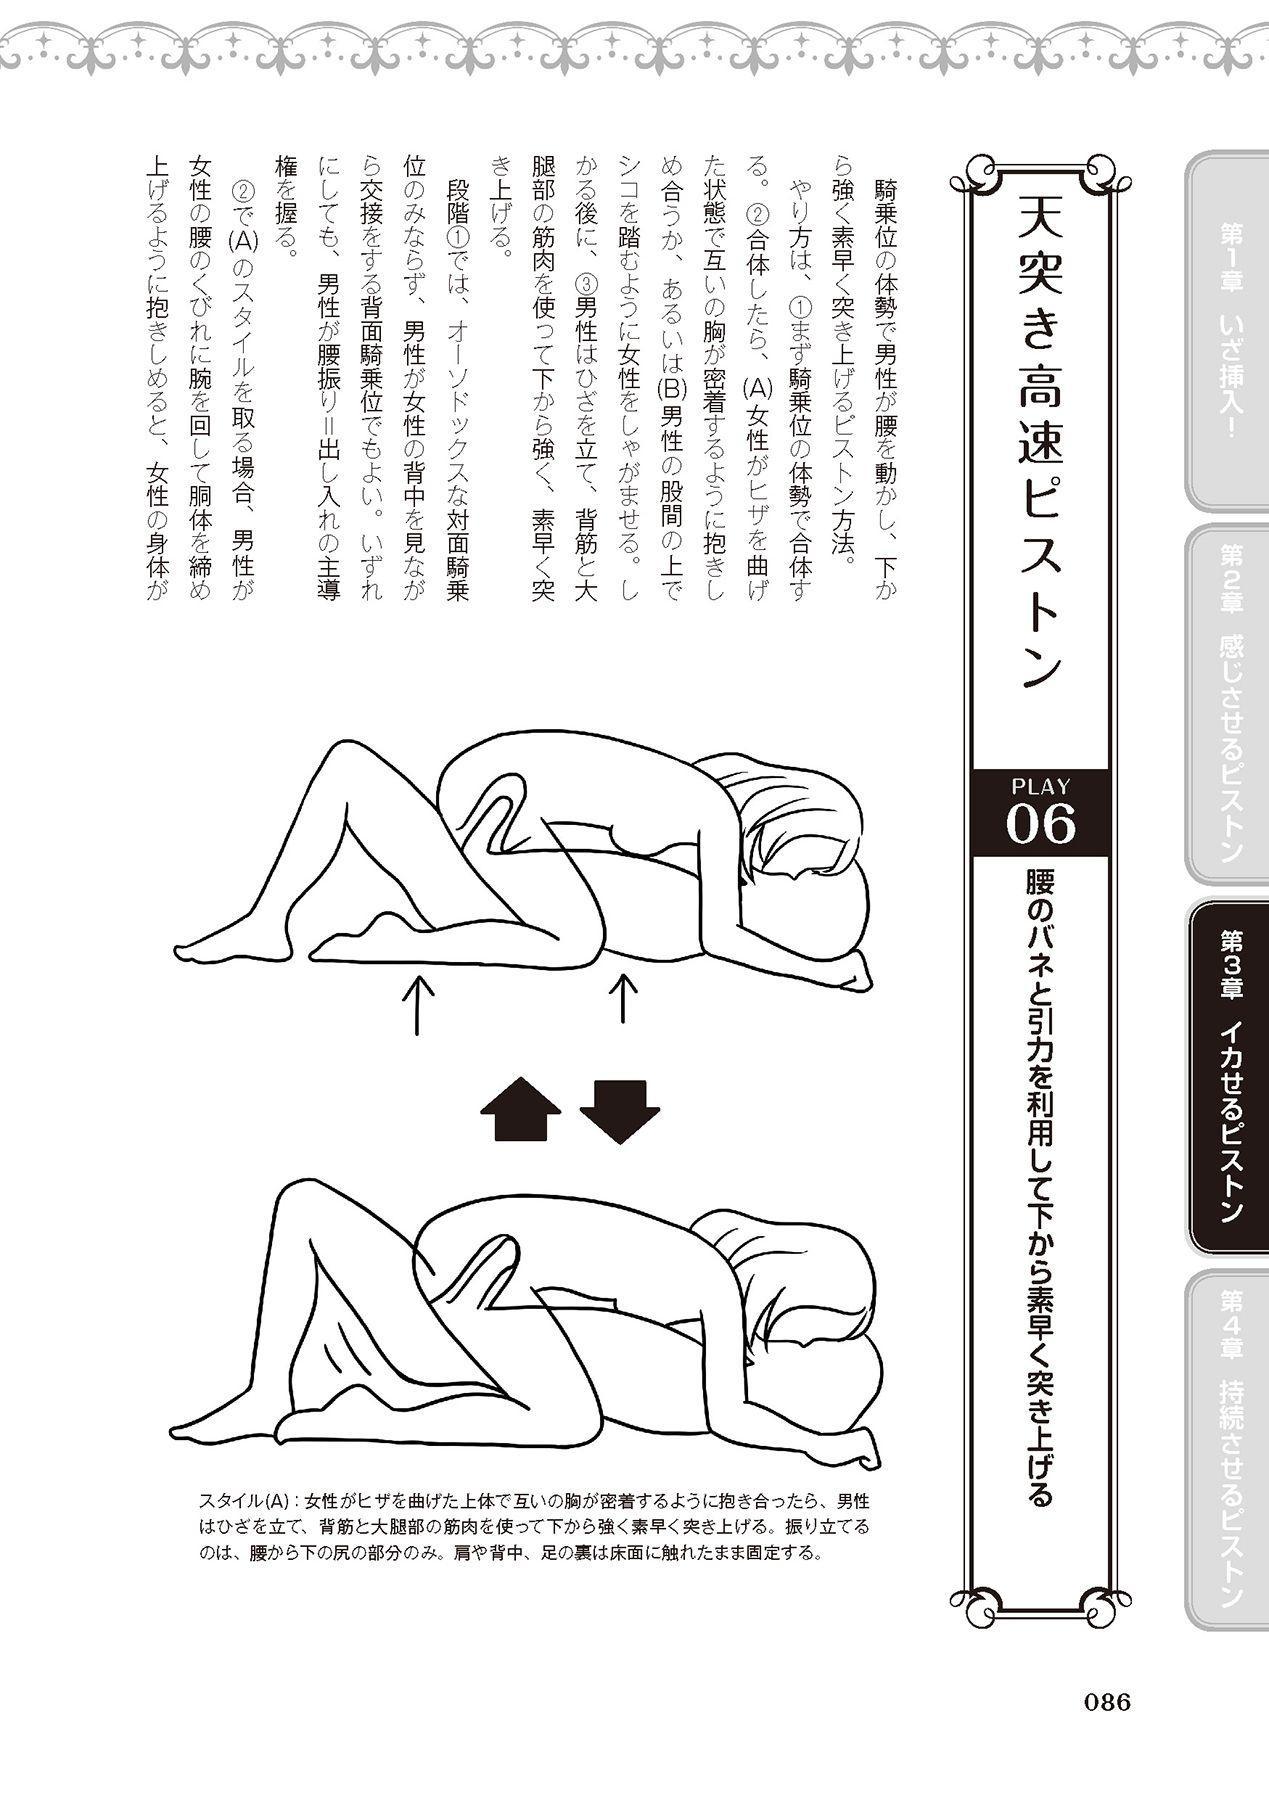 膣挿入&ピストン運動完全マニュアル イラスト版……ピスとんッ! 87